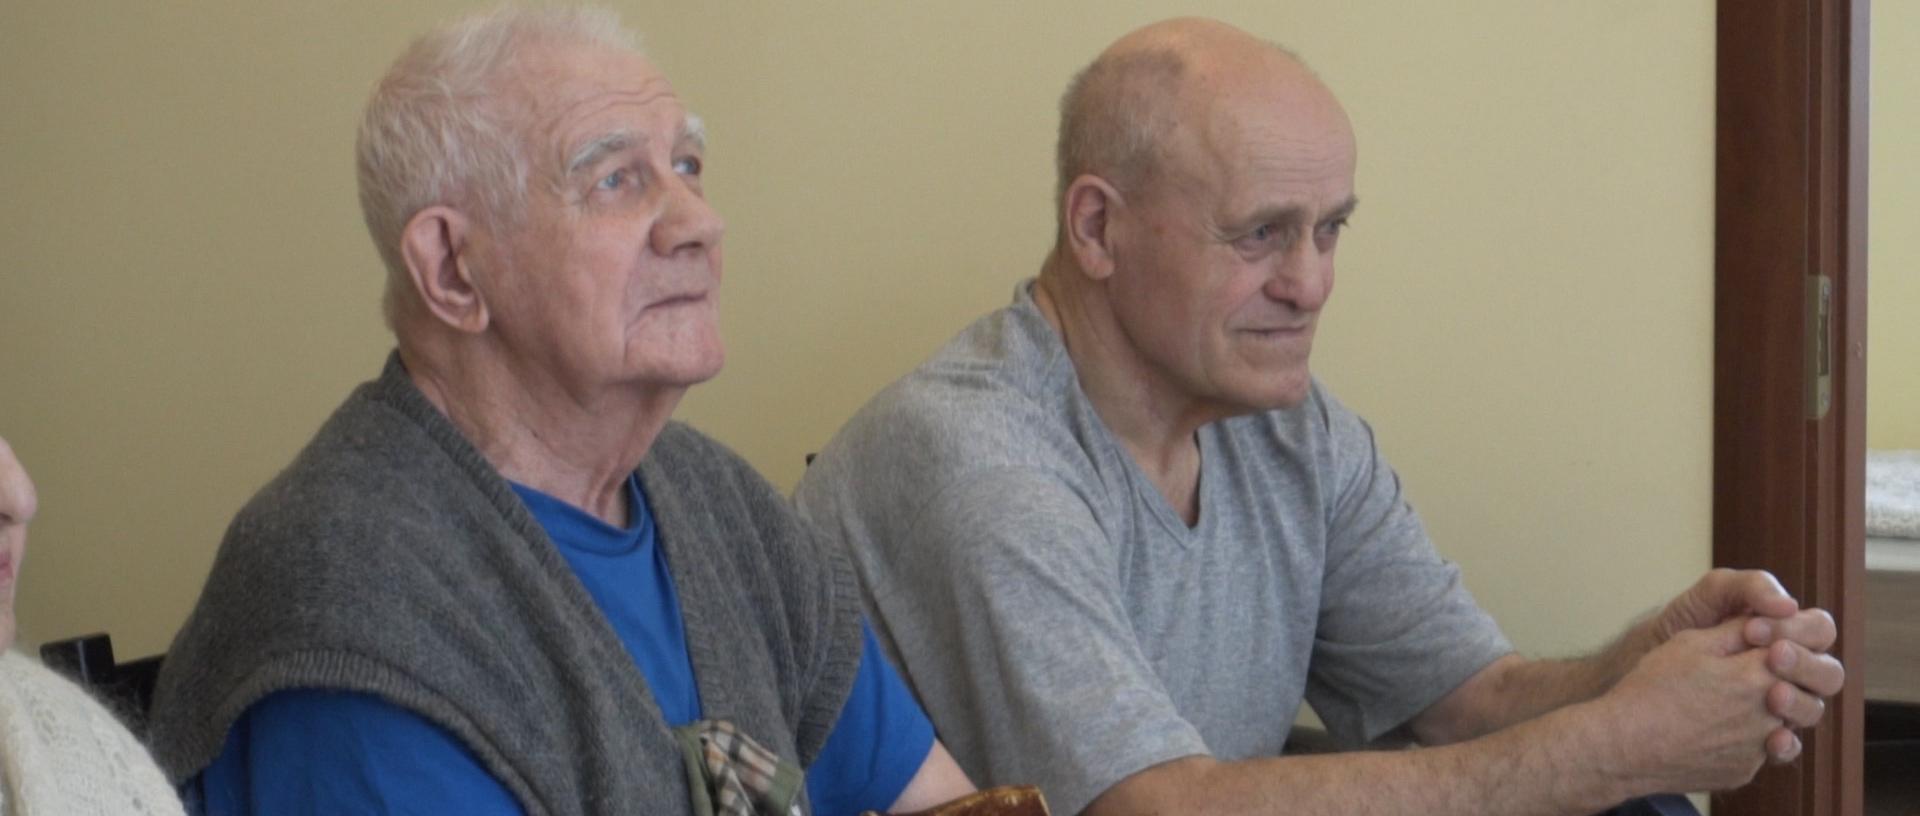 Чем занять пожилых людей в доме частные дома престарелых в орловской области